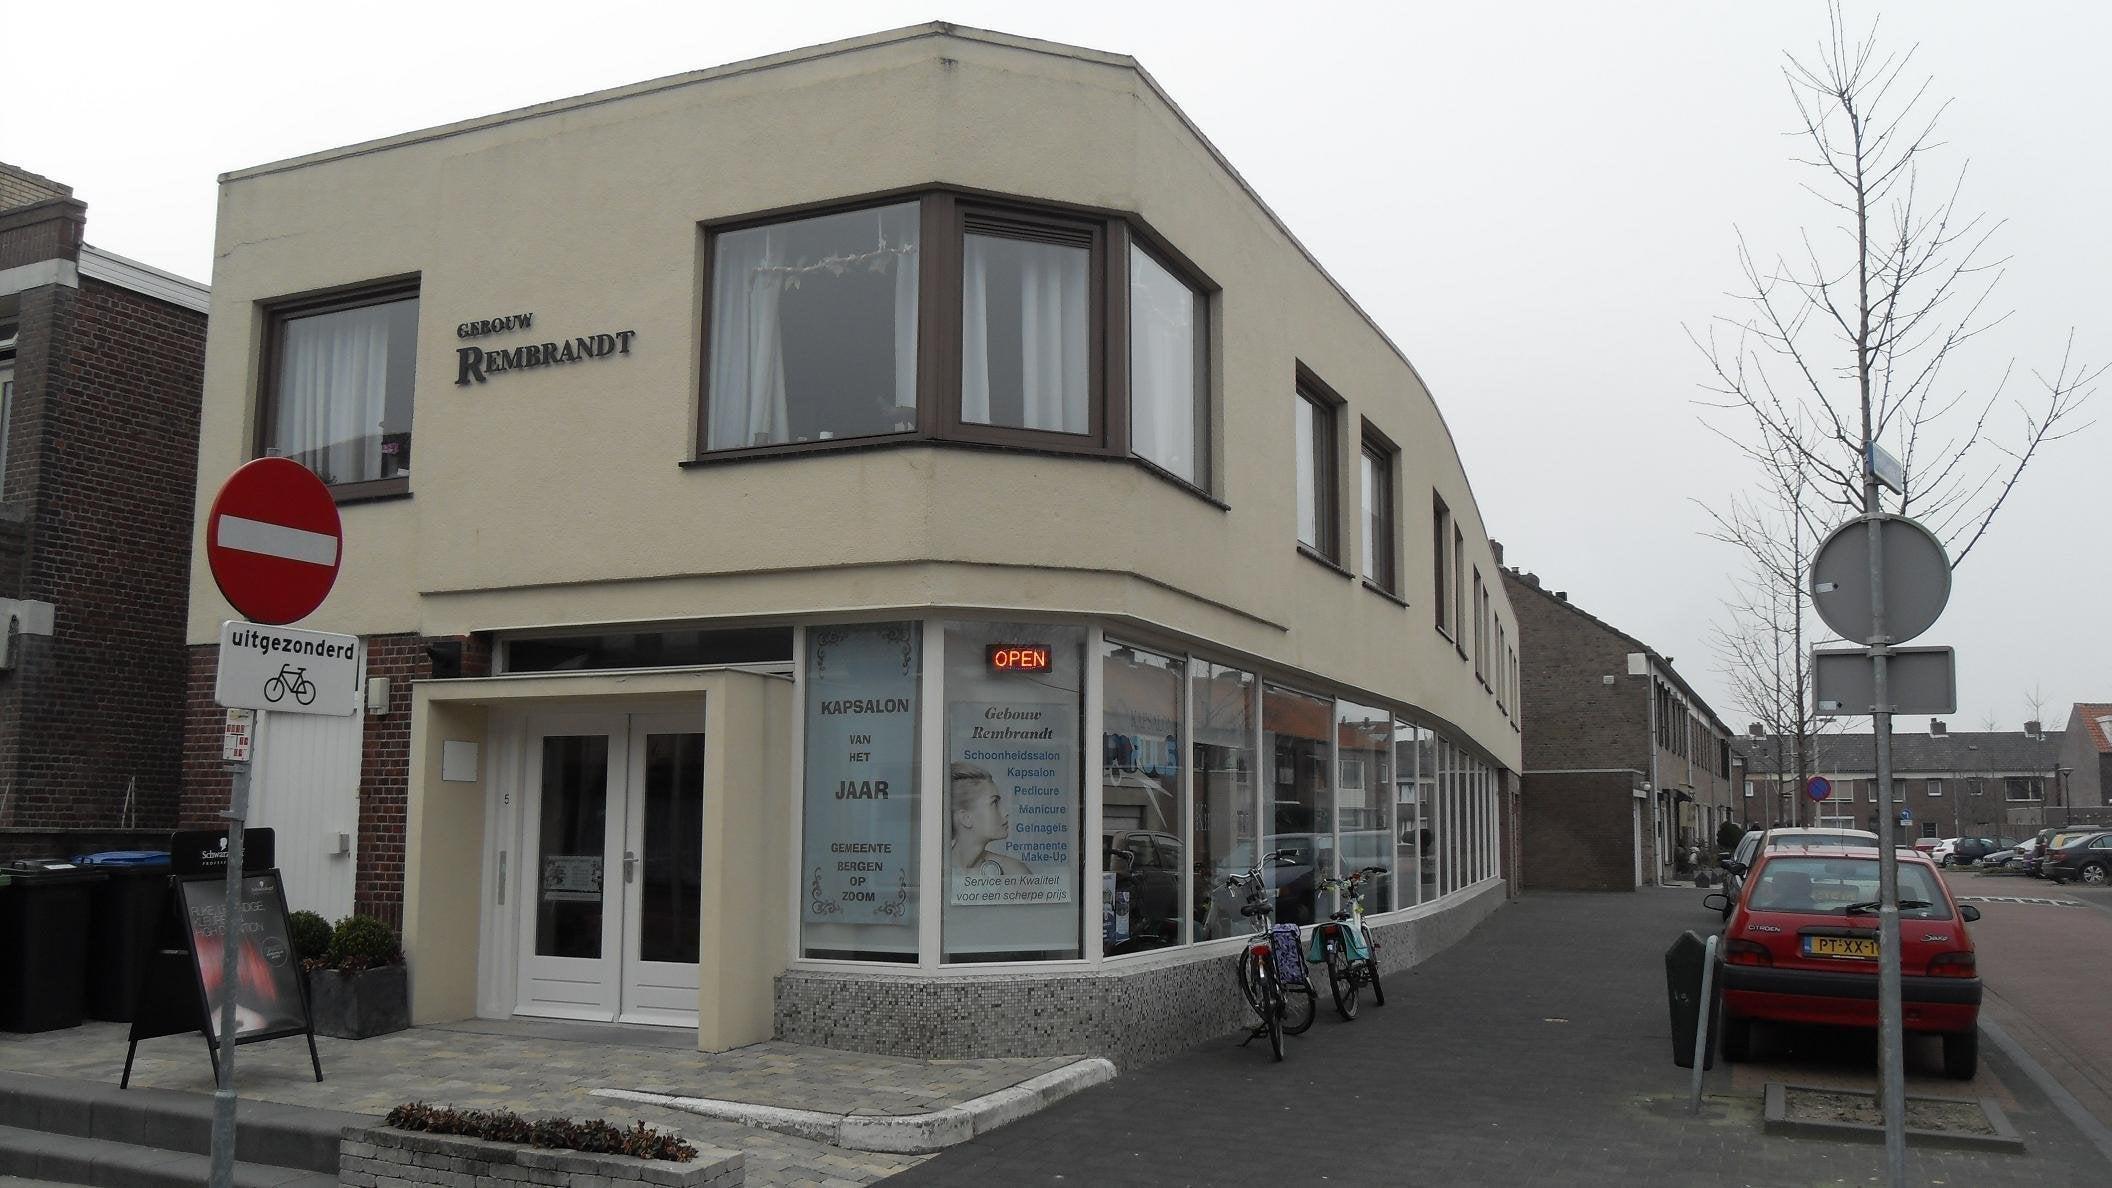 Photo of Rembrandtstraat, Bergen op Zoom